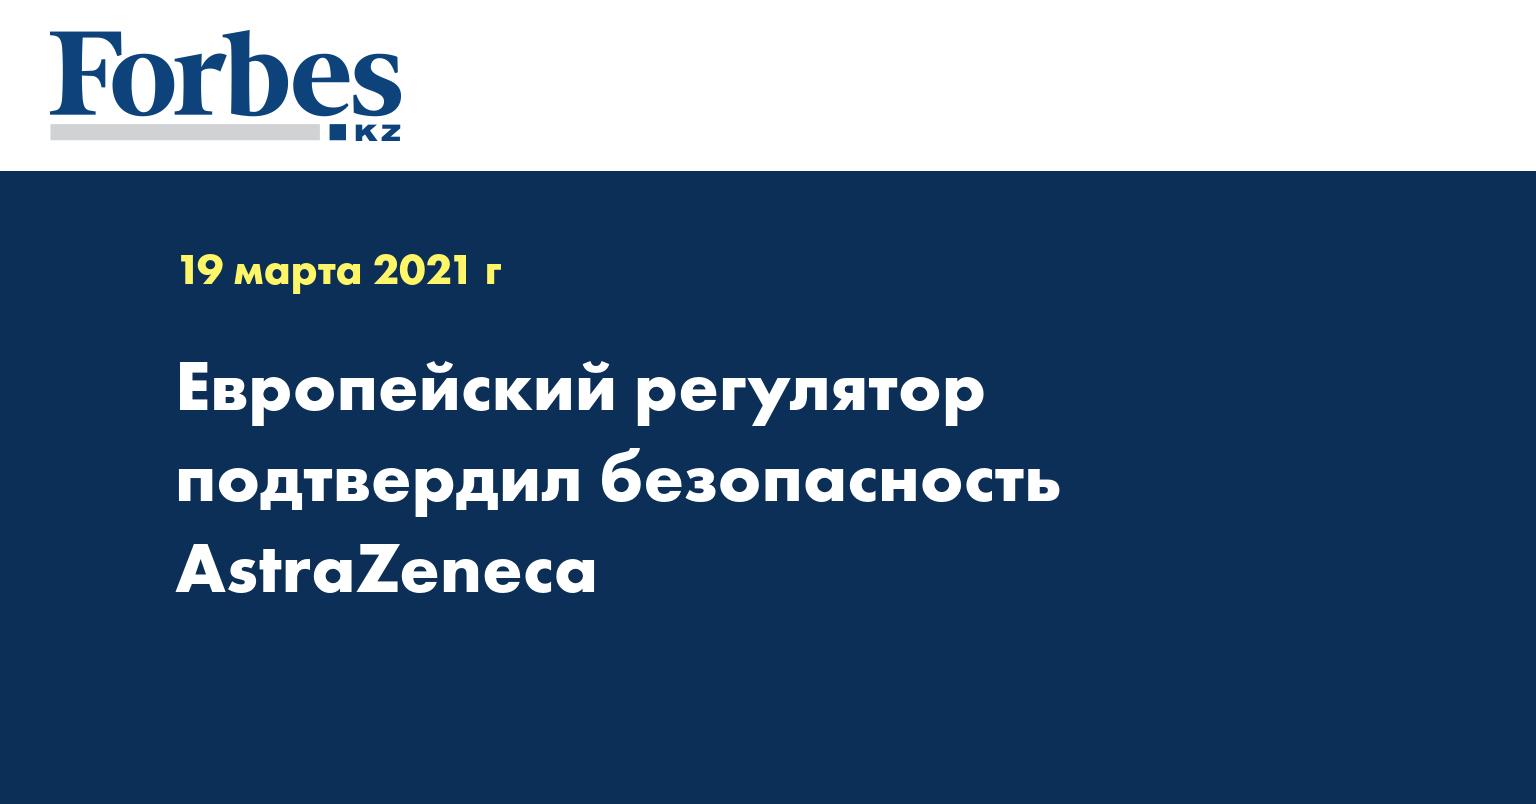 Европейский регулятор подтвердил безопасность AstraZeneca